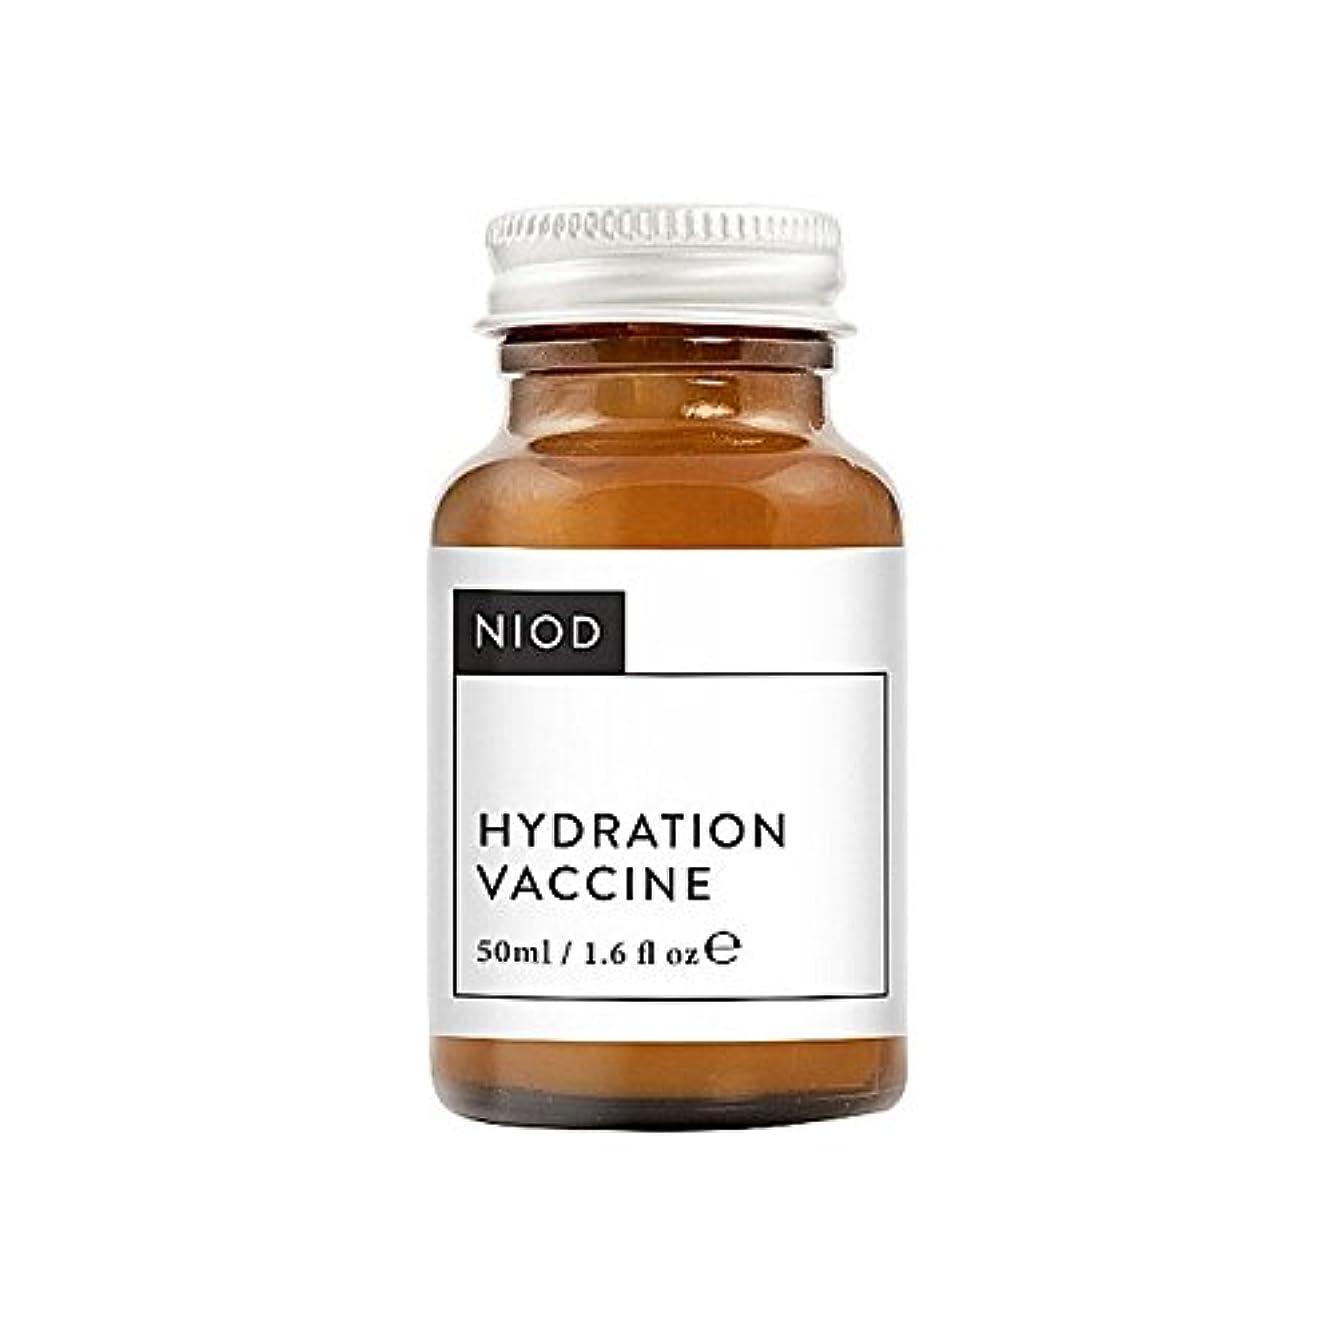 エンティティ仕立て屋彼の水和ワクチン50ミリリットル x2 - Niod Hydration Vaccine 50Ml (Pack of 2) [並行輸入品]